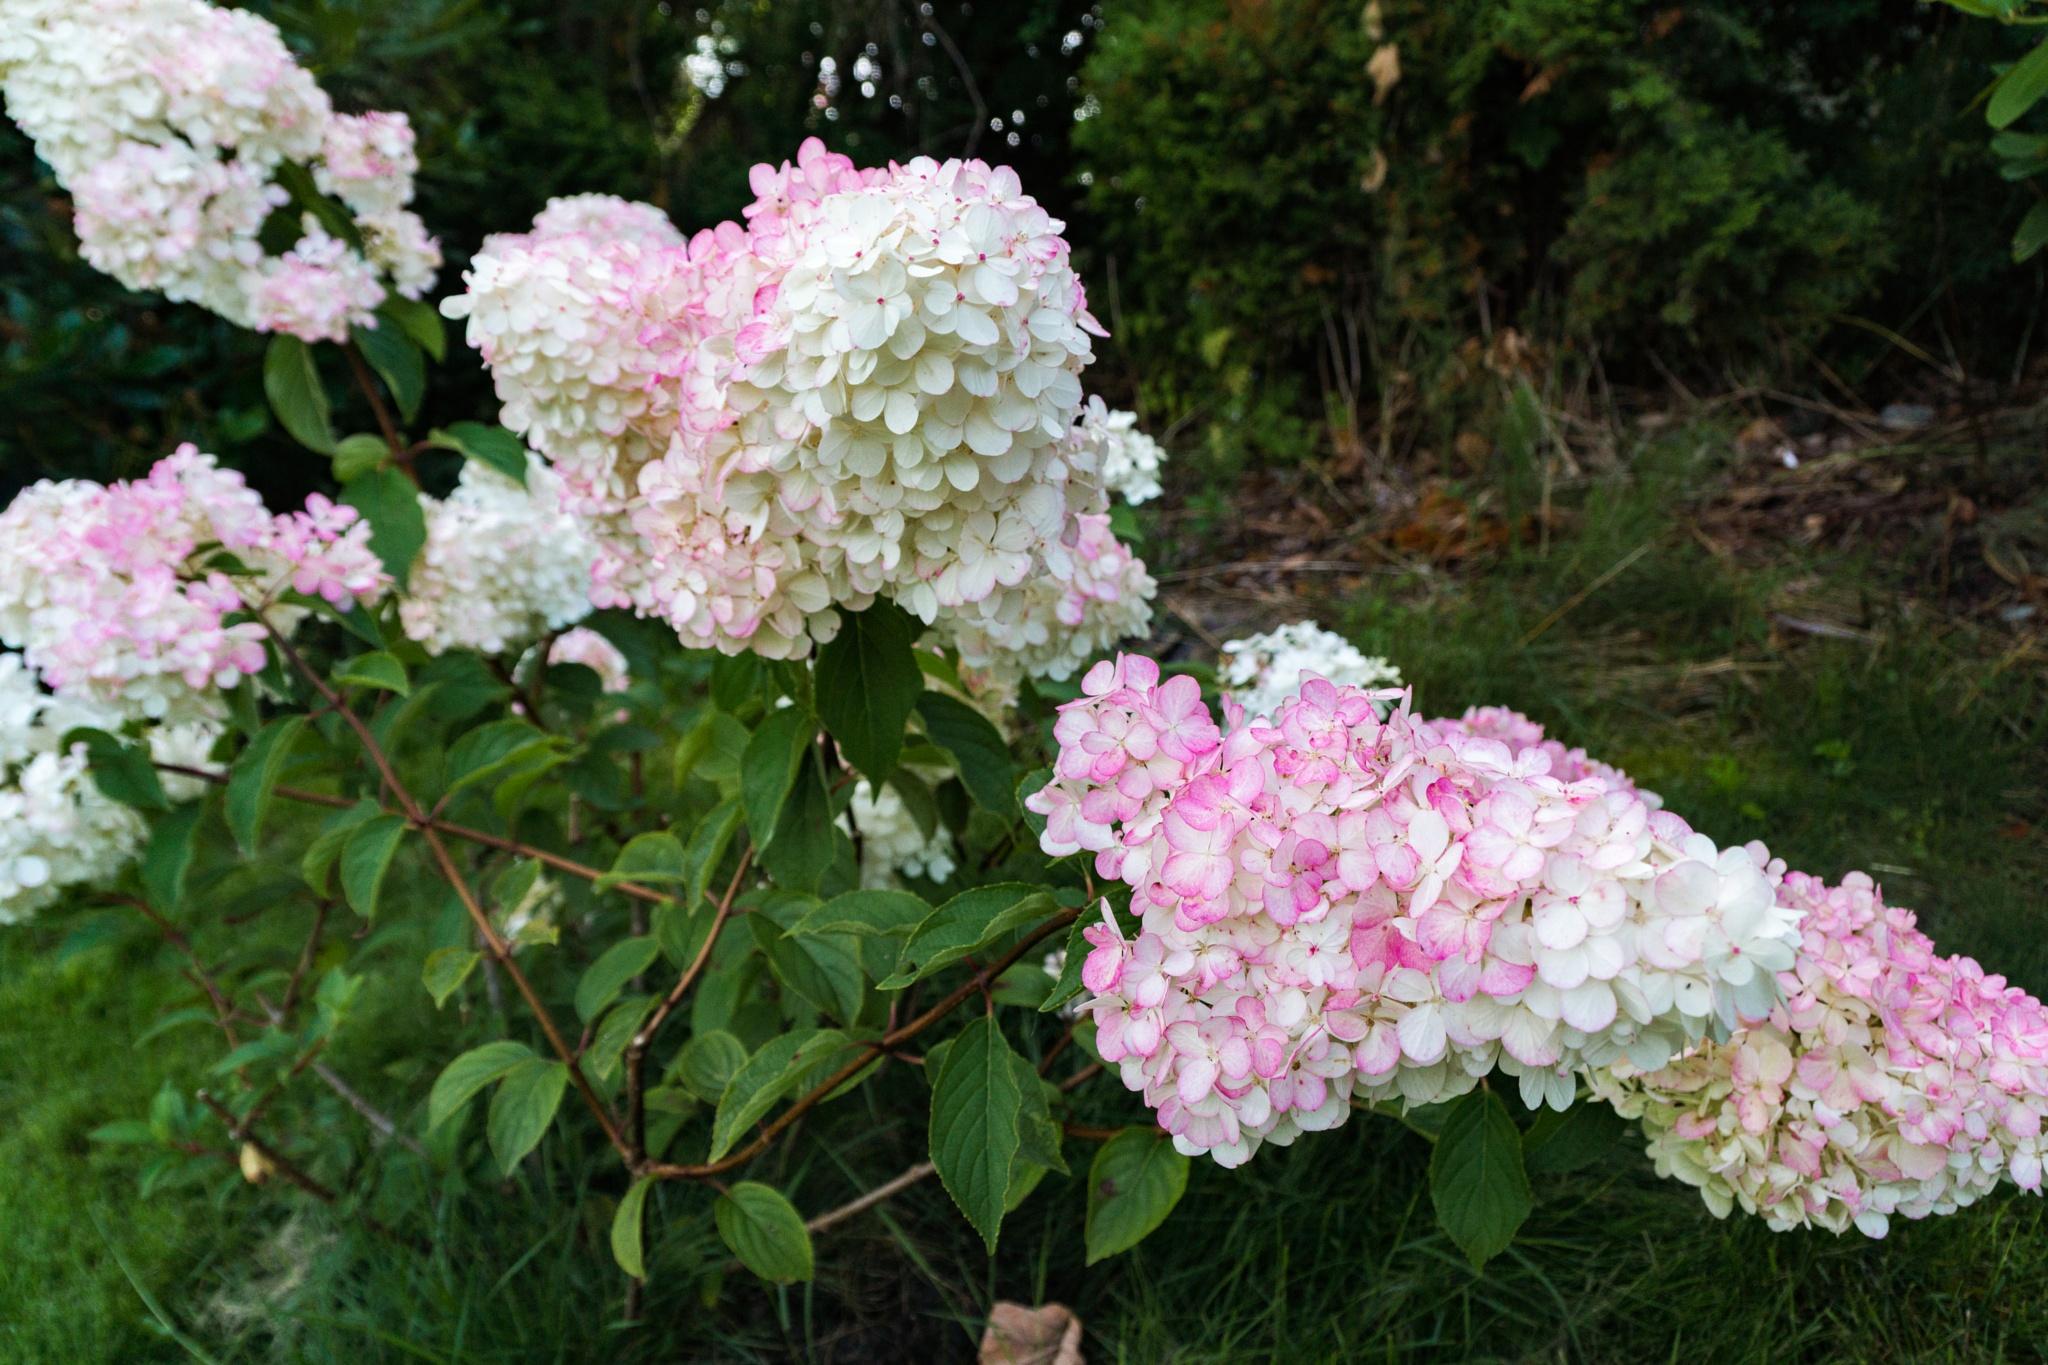 Flowers by Tormod Lindoe